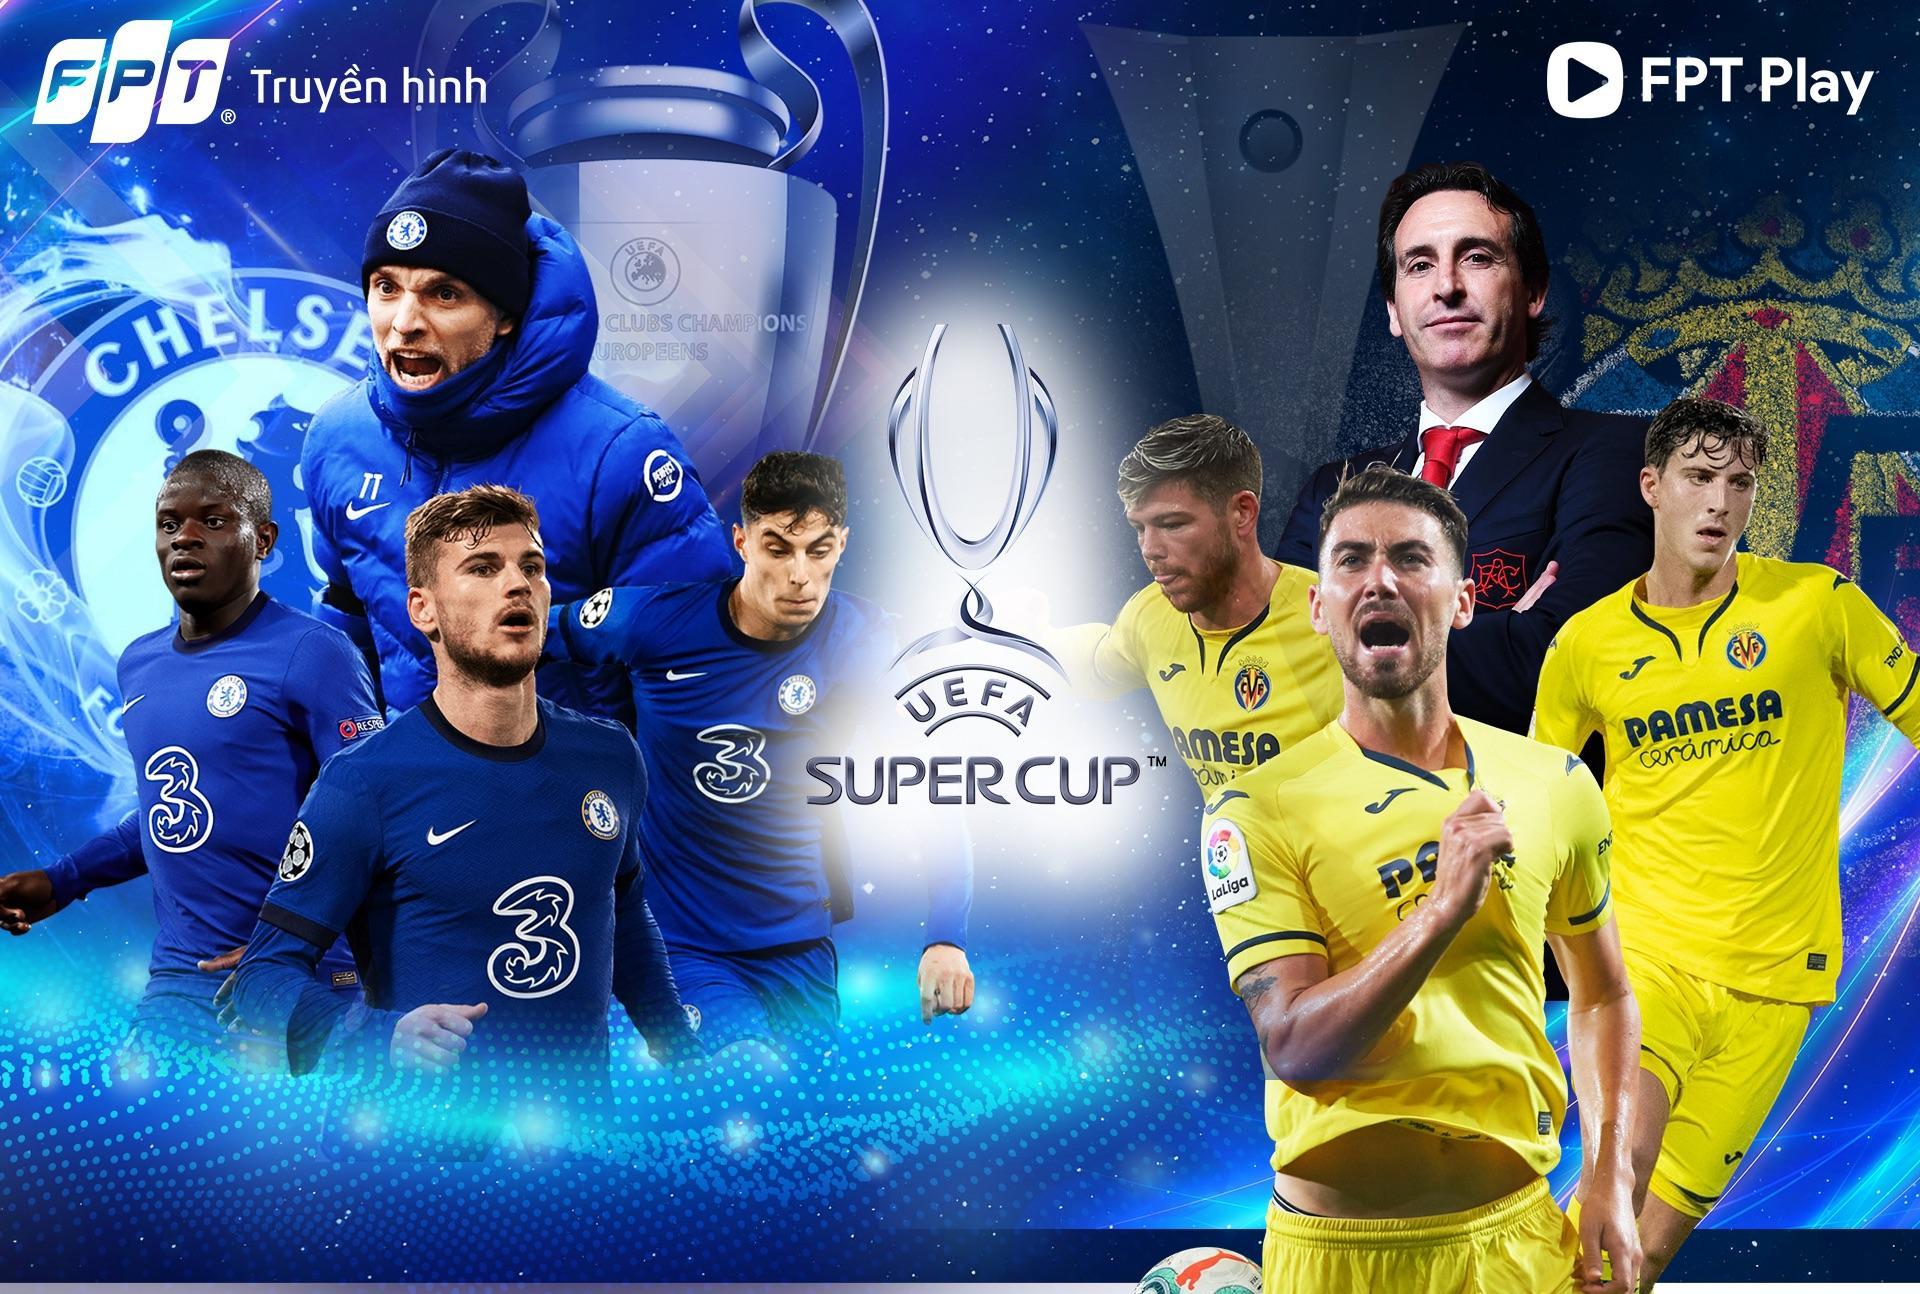 FPT độc quyền bản quyền các giải đấu cấp CLB thuộc UEFA